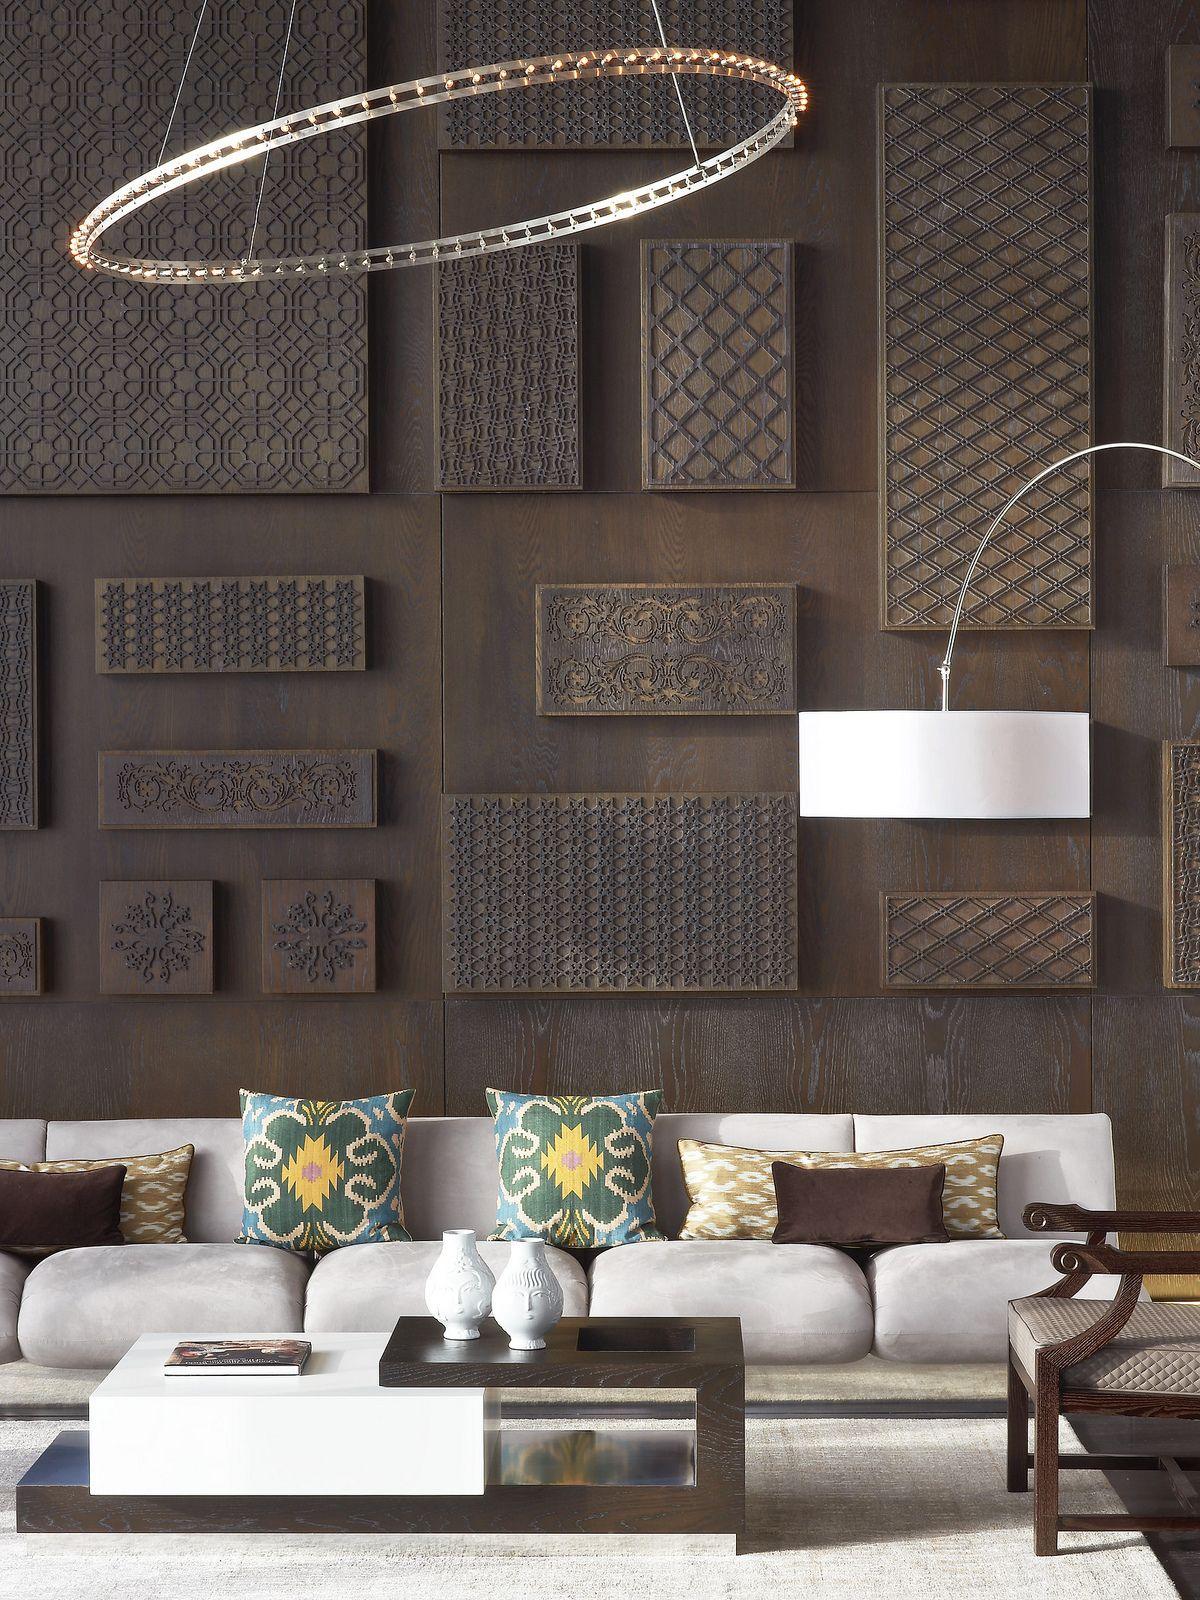 Le m ridien istanbul etiler presidential suite living room - Diseno paredes interiores ...